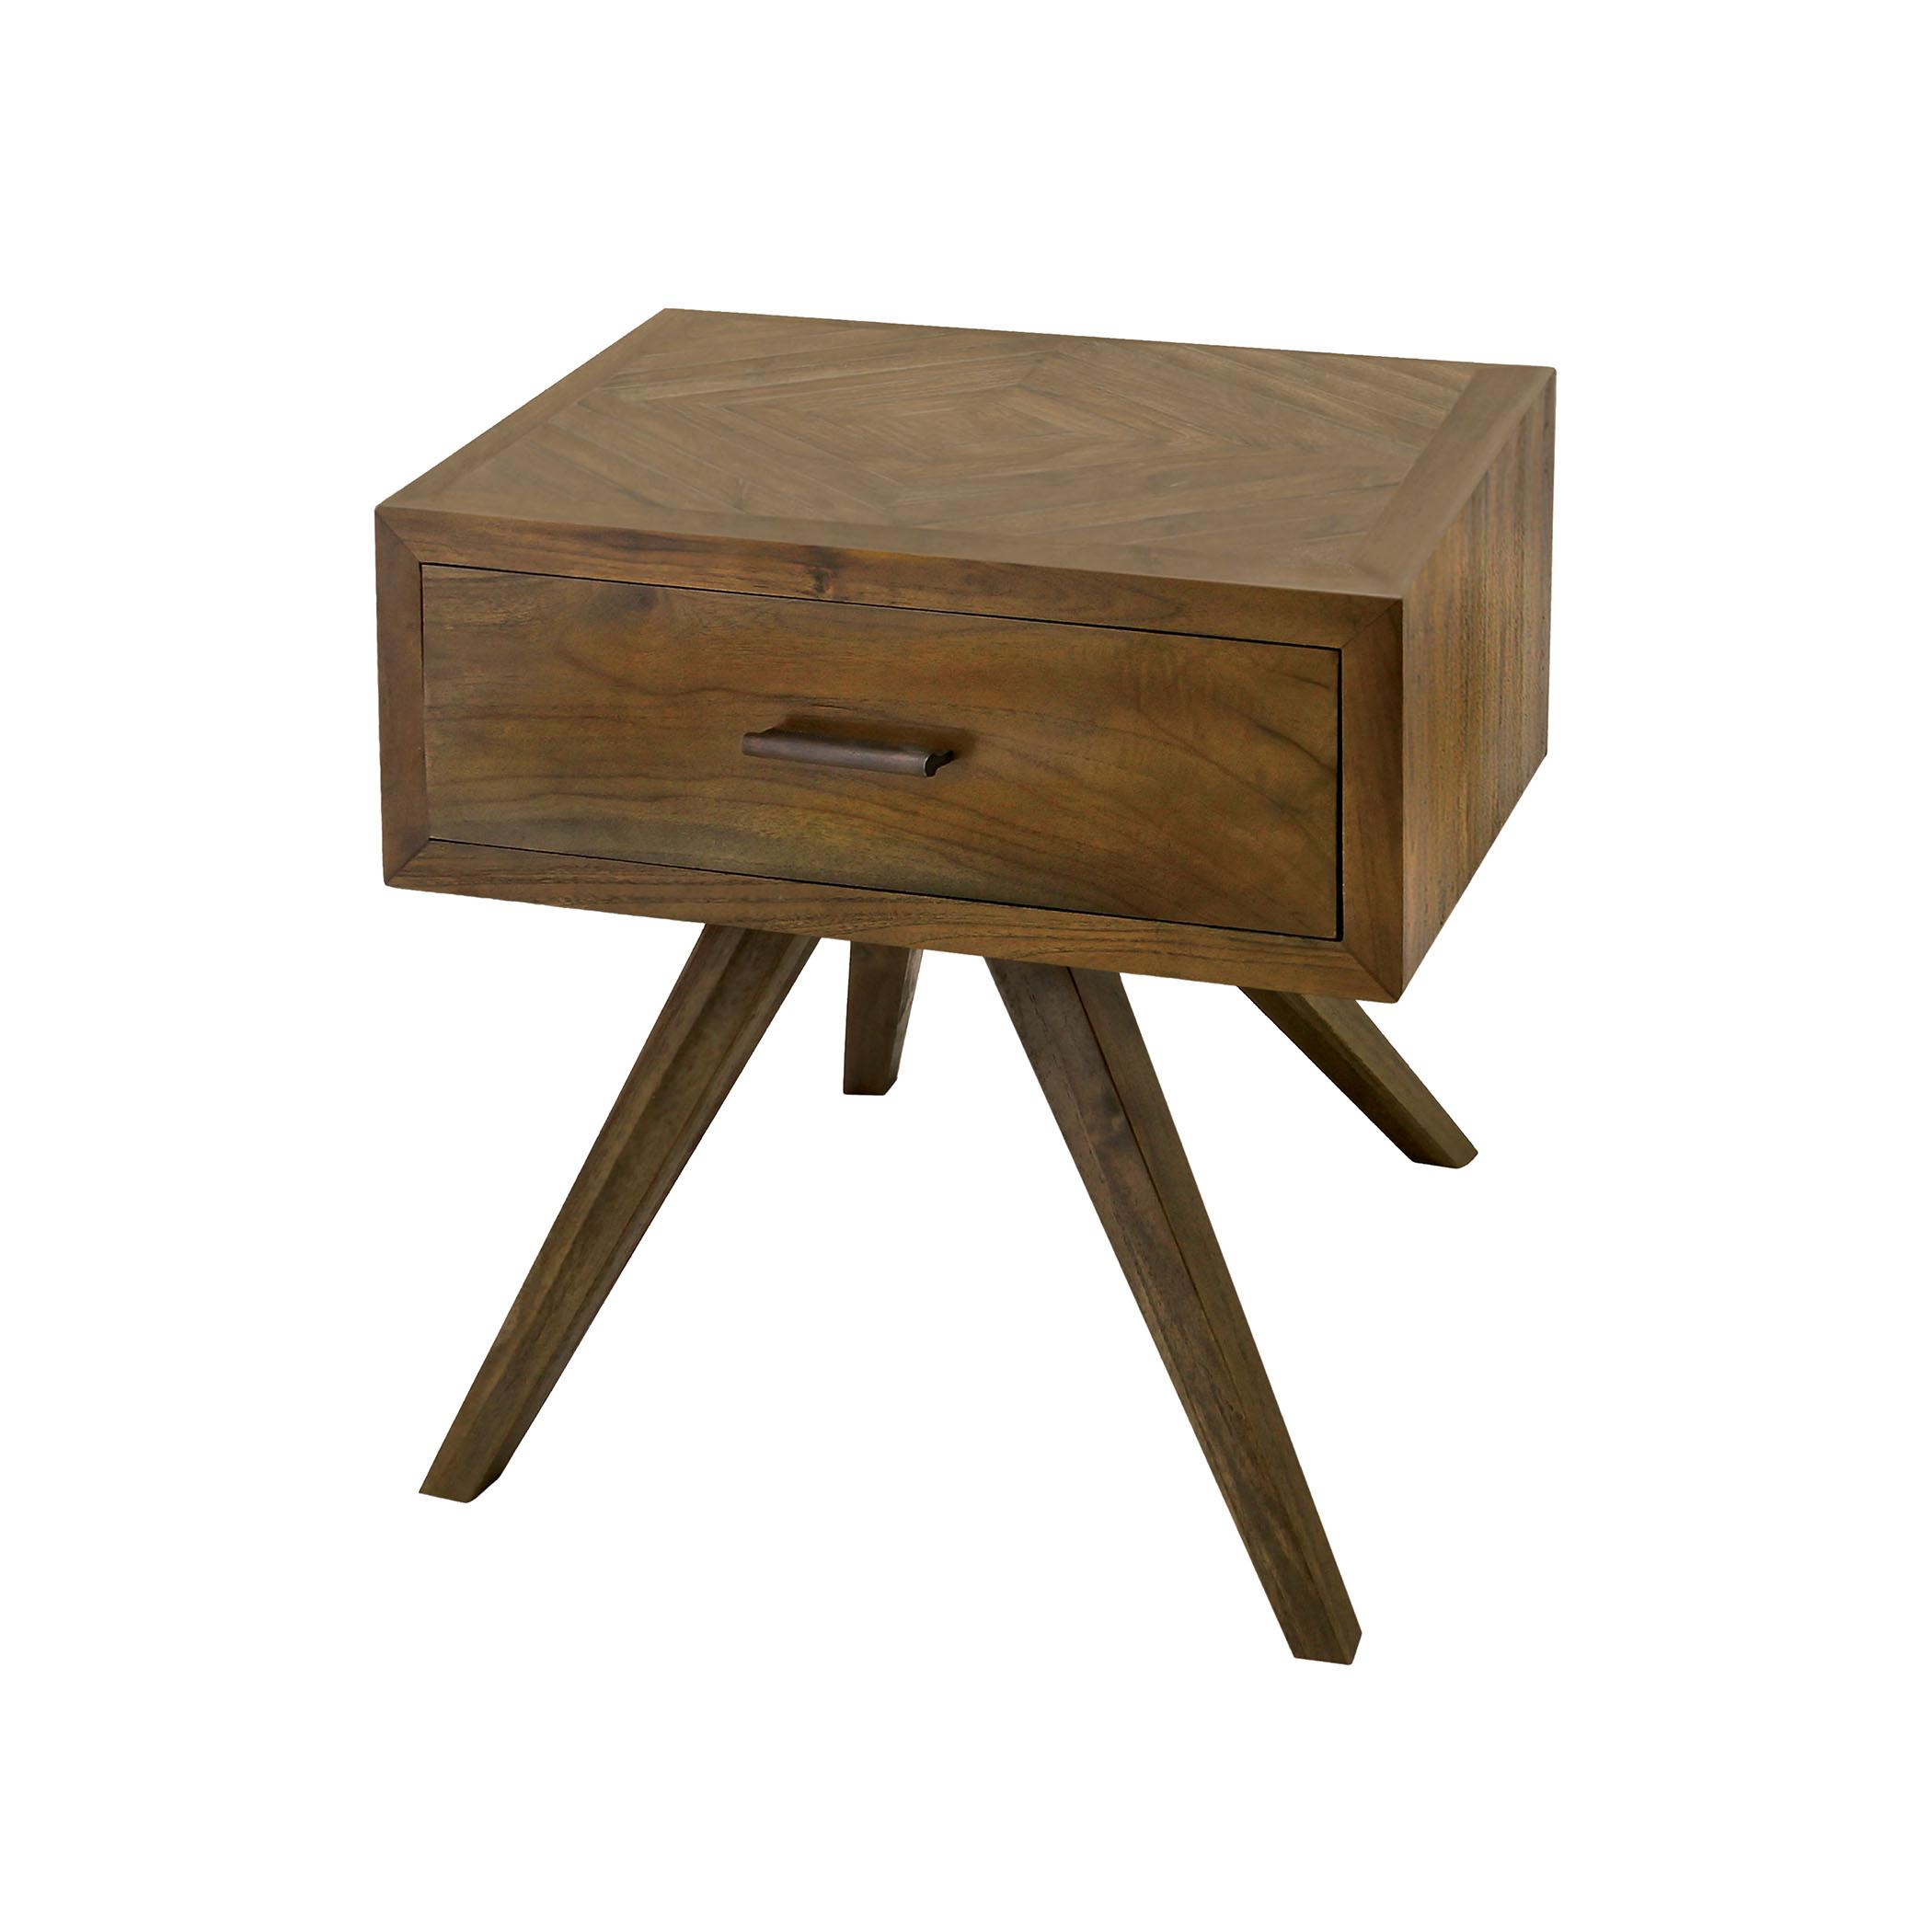 Teak Patio Side Table with Storage in Burnt Umber 7117011BU   ELK Home